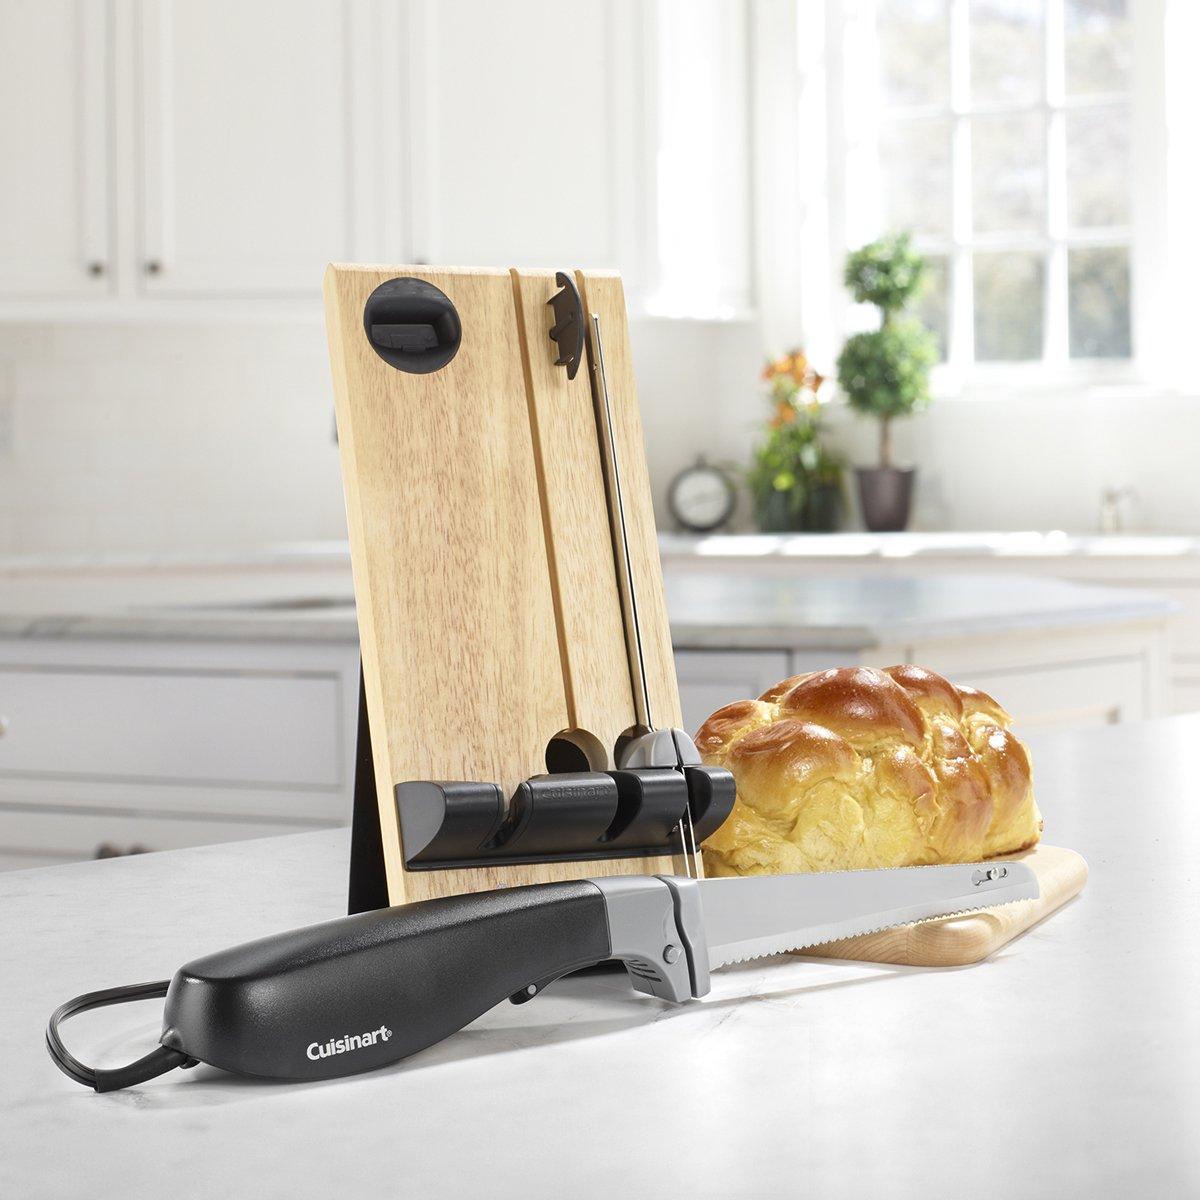 Atemberaubend Cuisinart Küche Pro Bilder - Küchenschrank Ideen ...